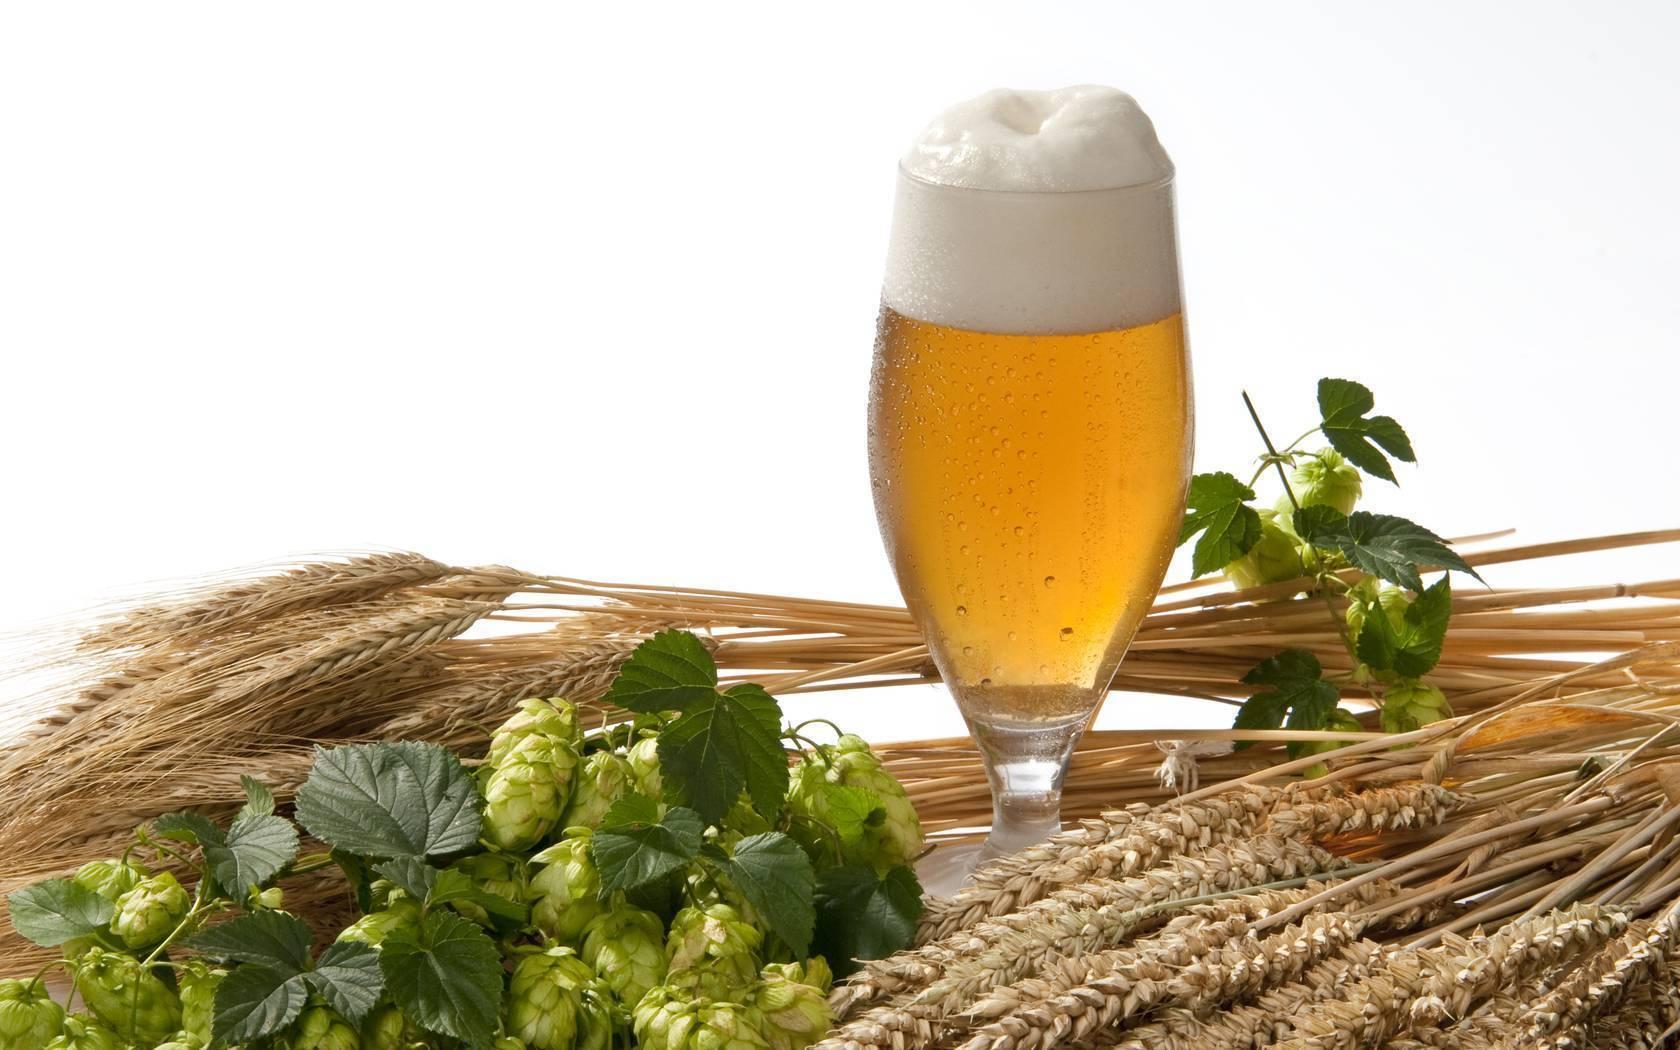 Как пиво влияет на давление. повышает или понижает? можно ли пить? | любитель пива | яндекс дзен